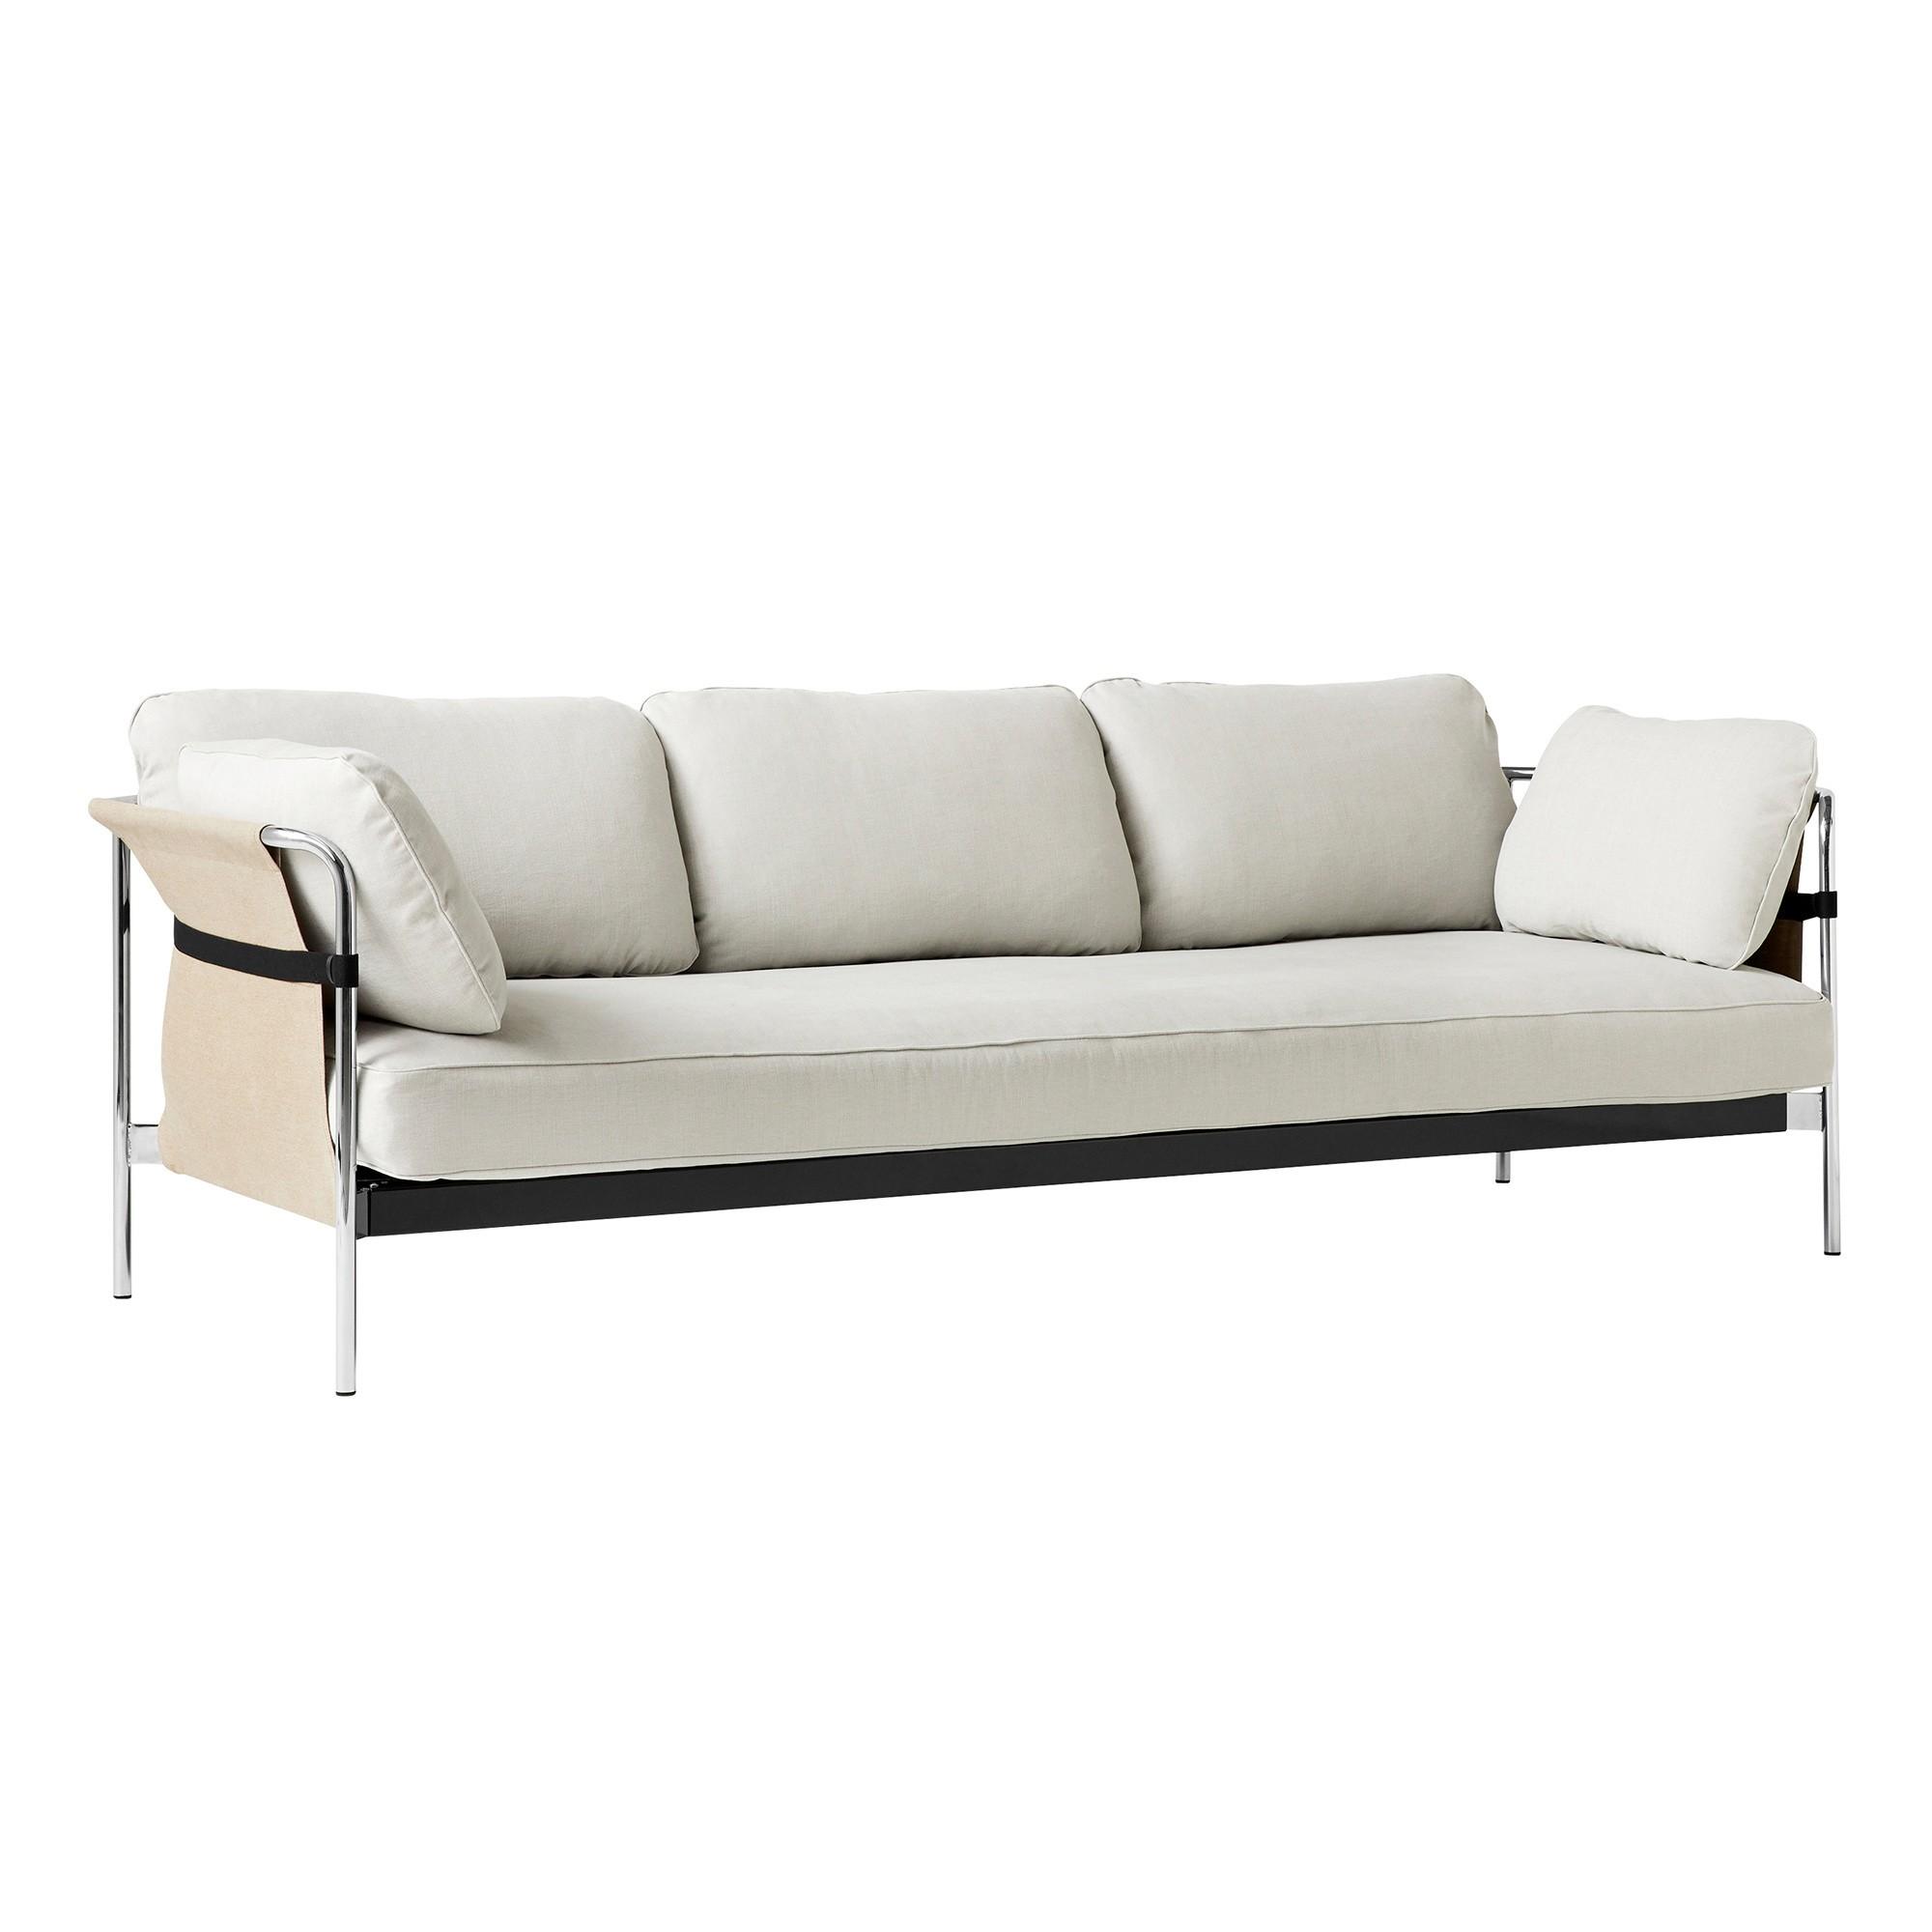 Can 2.0 3-Seater Sofa Frame Steel Chromed